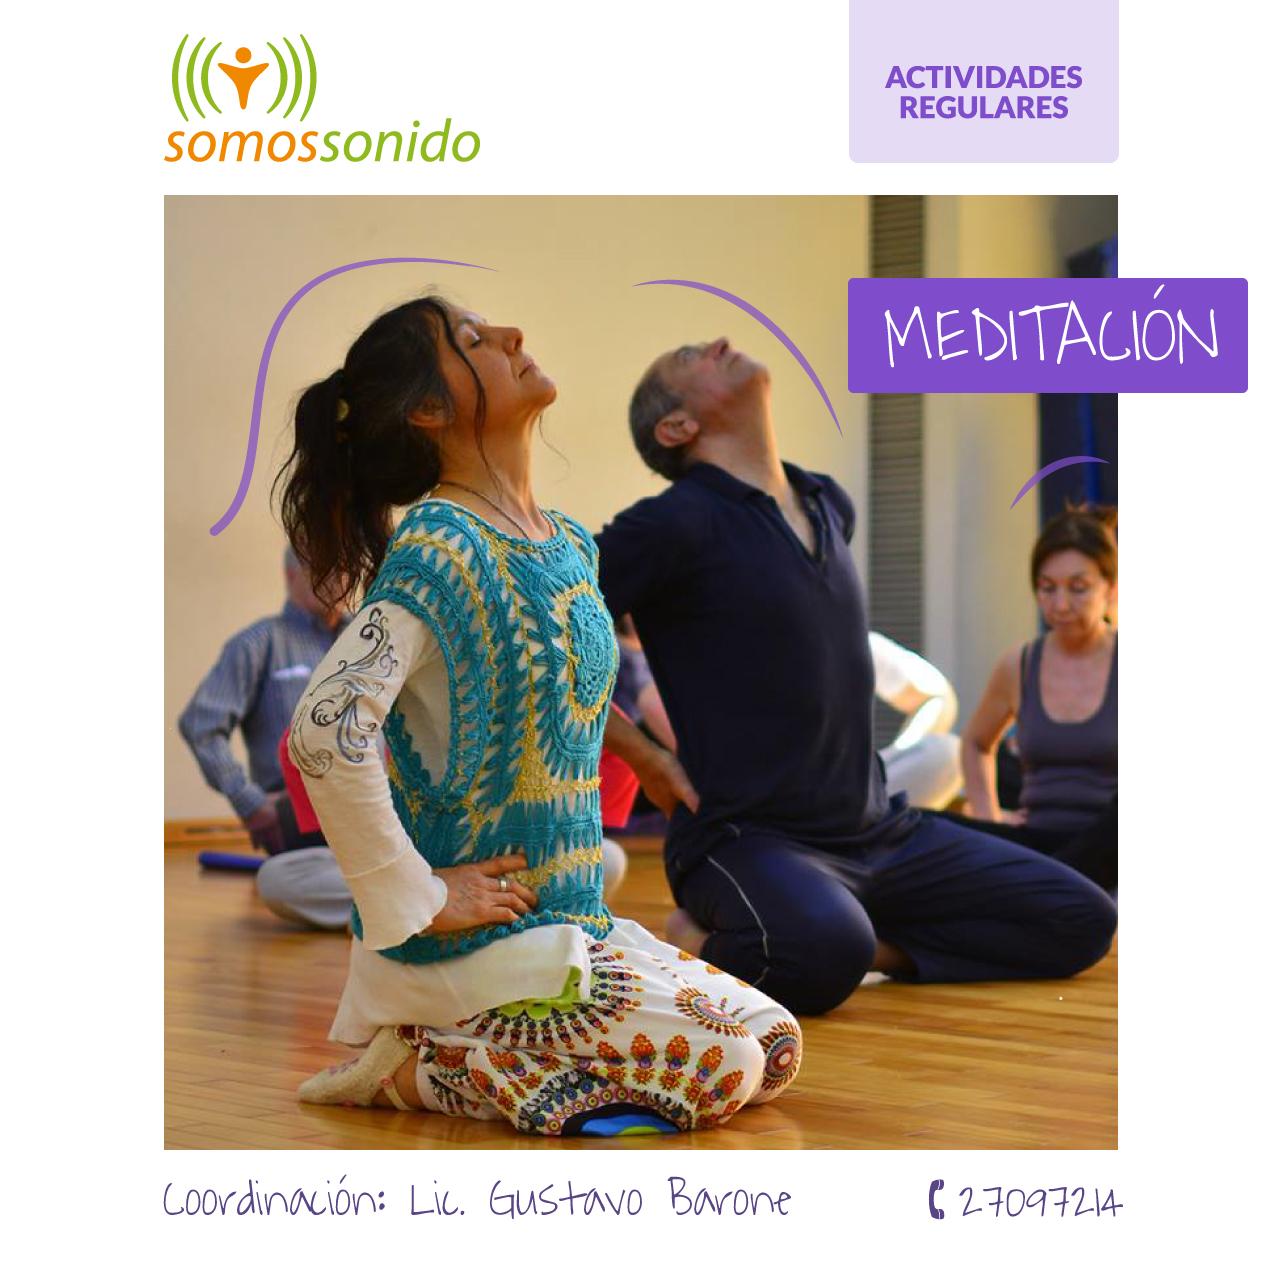 somos_sonido_fb_meditacion